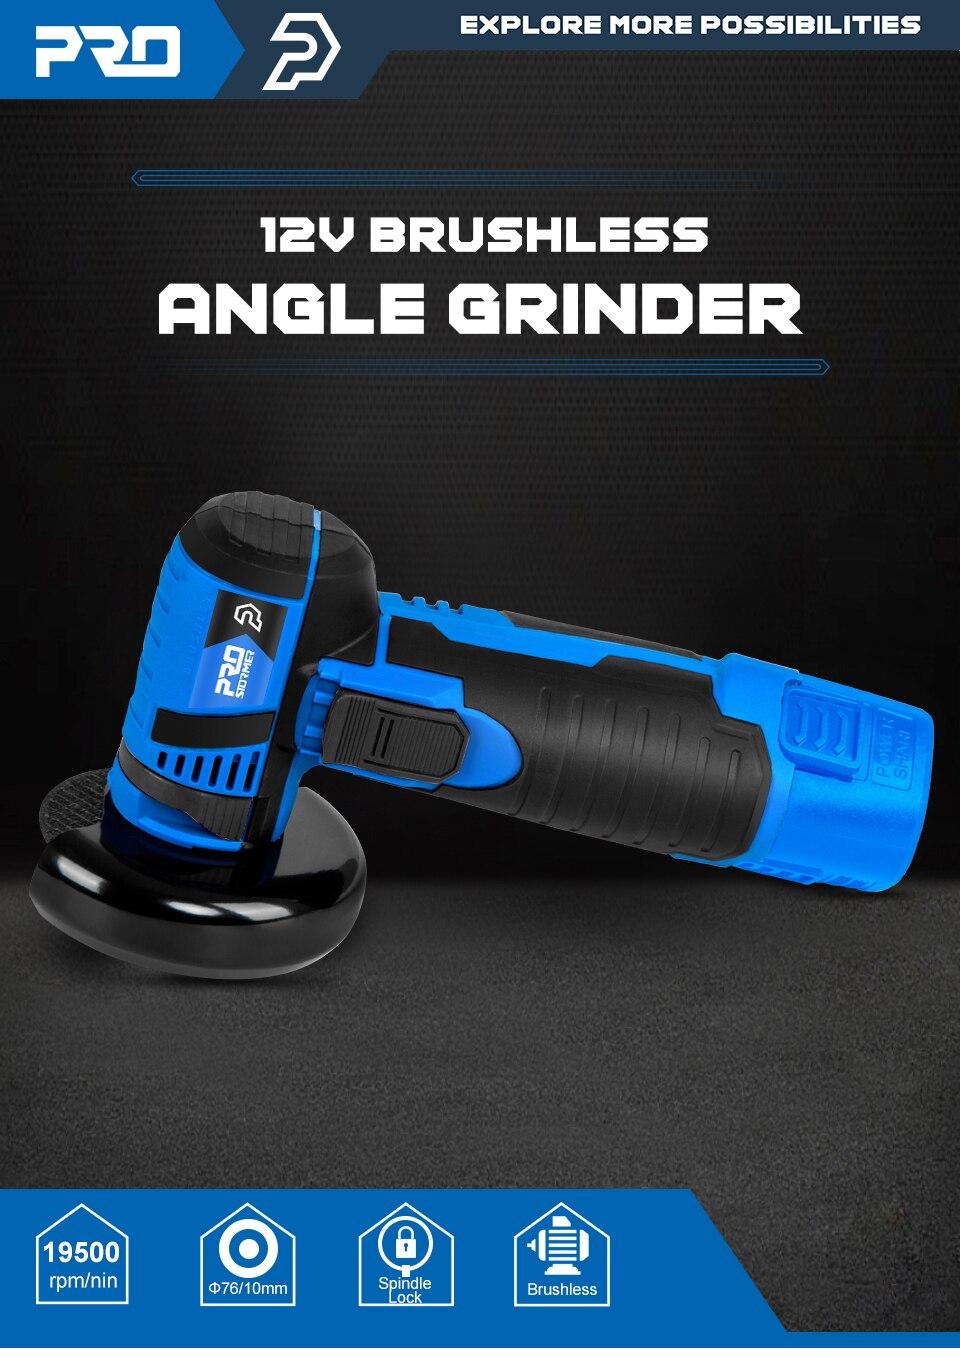 12V Mini Brushless Angle Grinder By PROSTORMER